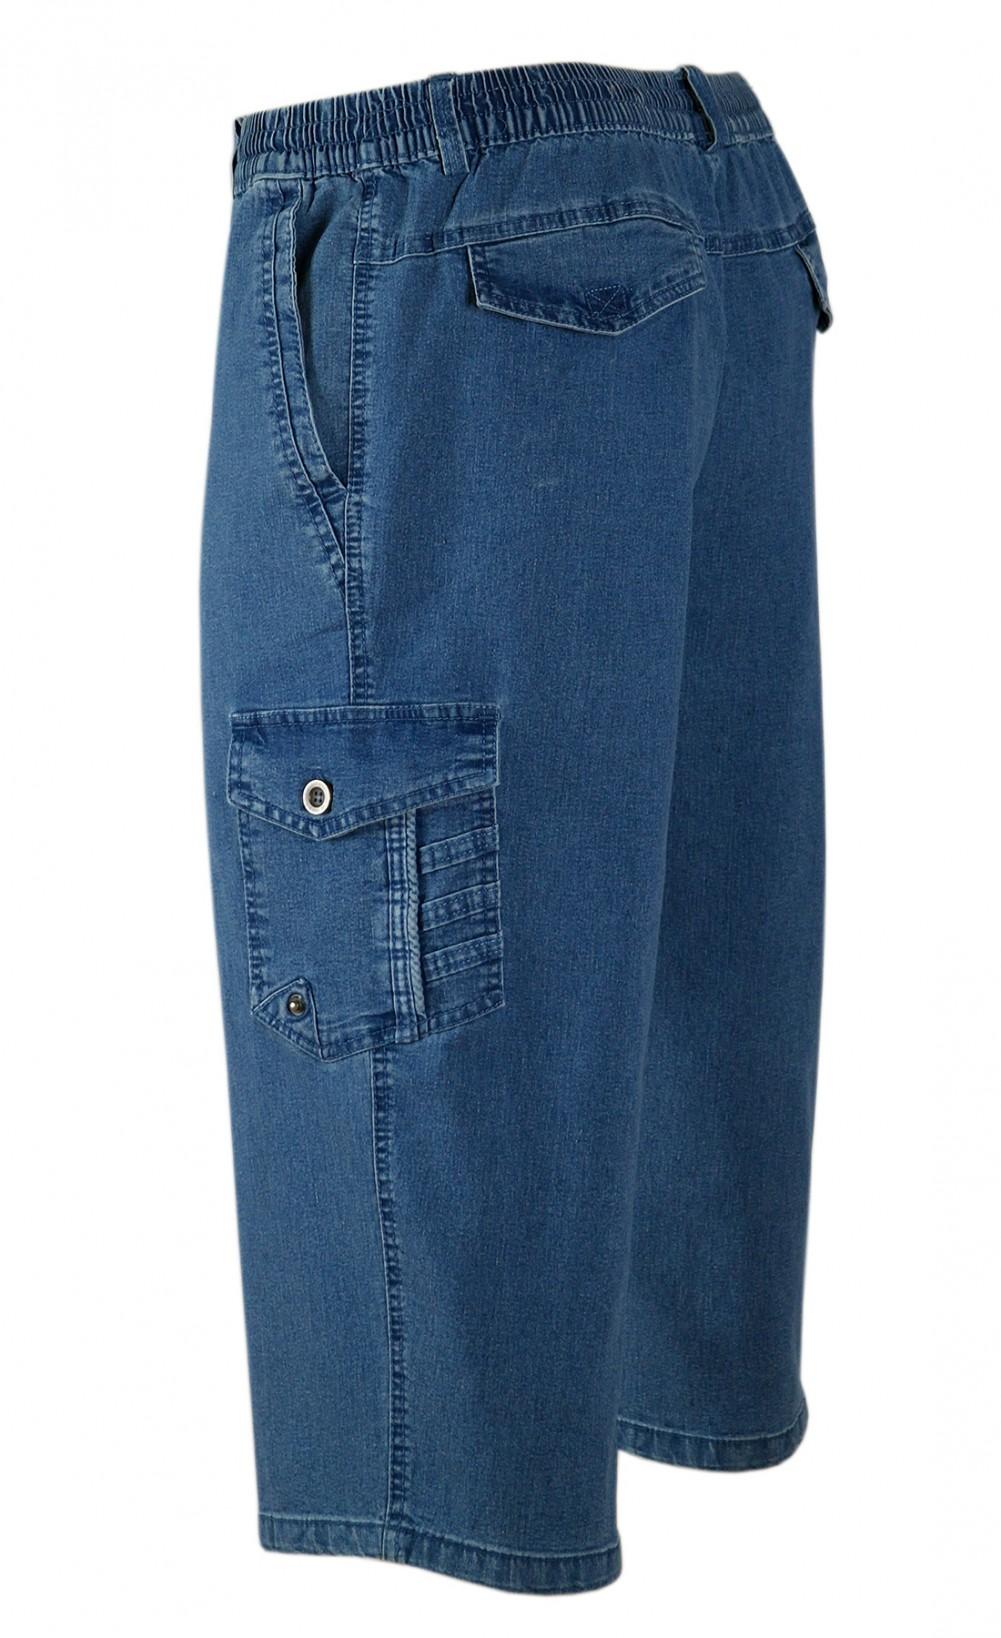 Stretch Caprijeans, 3/4 Cargo Shorts - Wadenlange Schlupfjeans Bermuda Herren - Blue/Seitenansicht